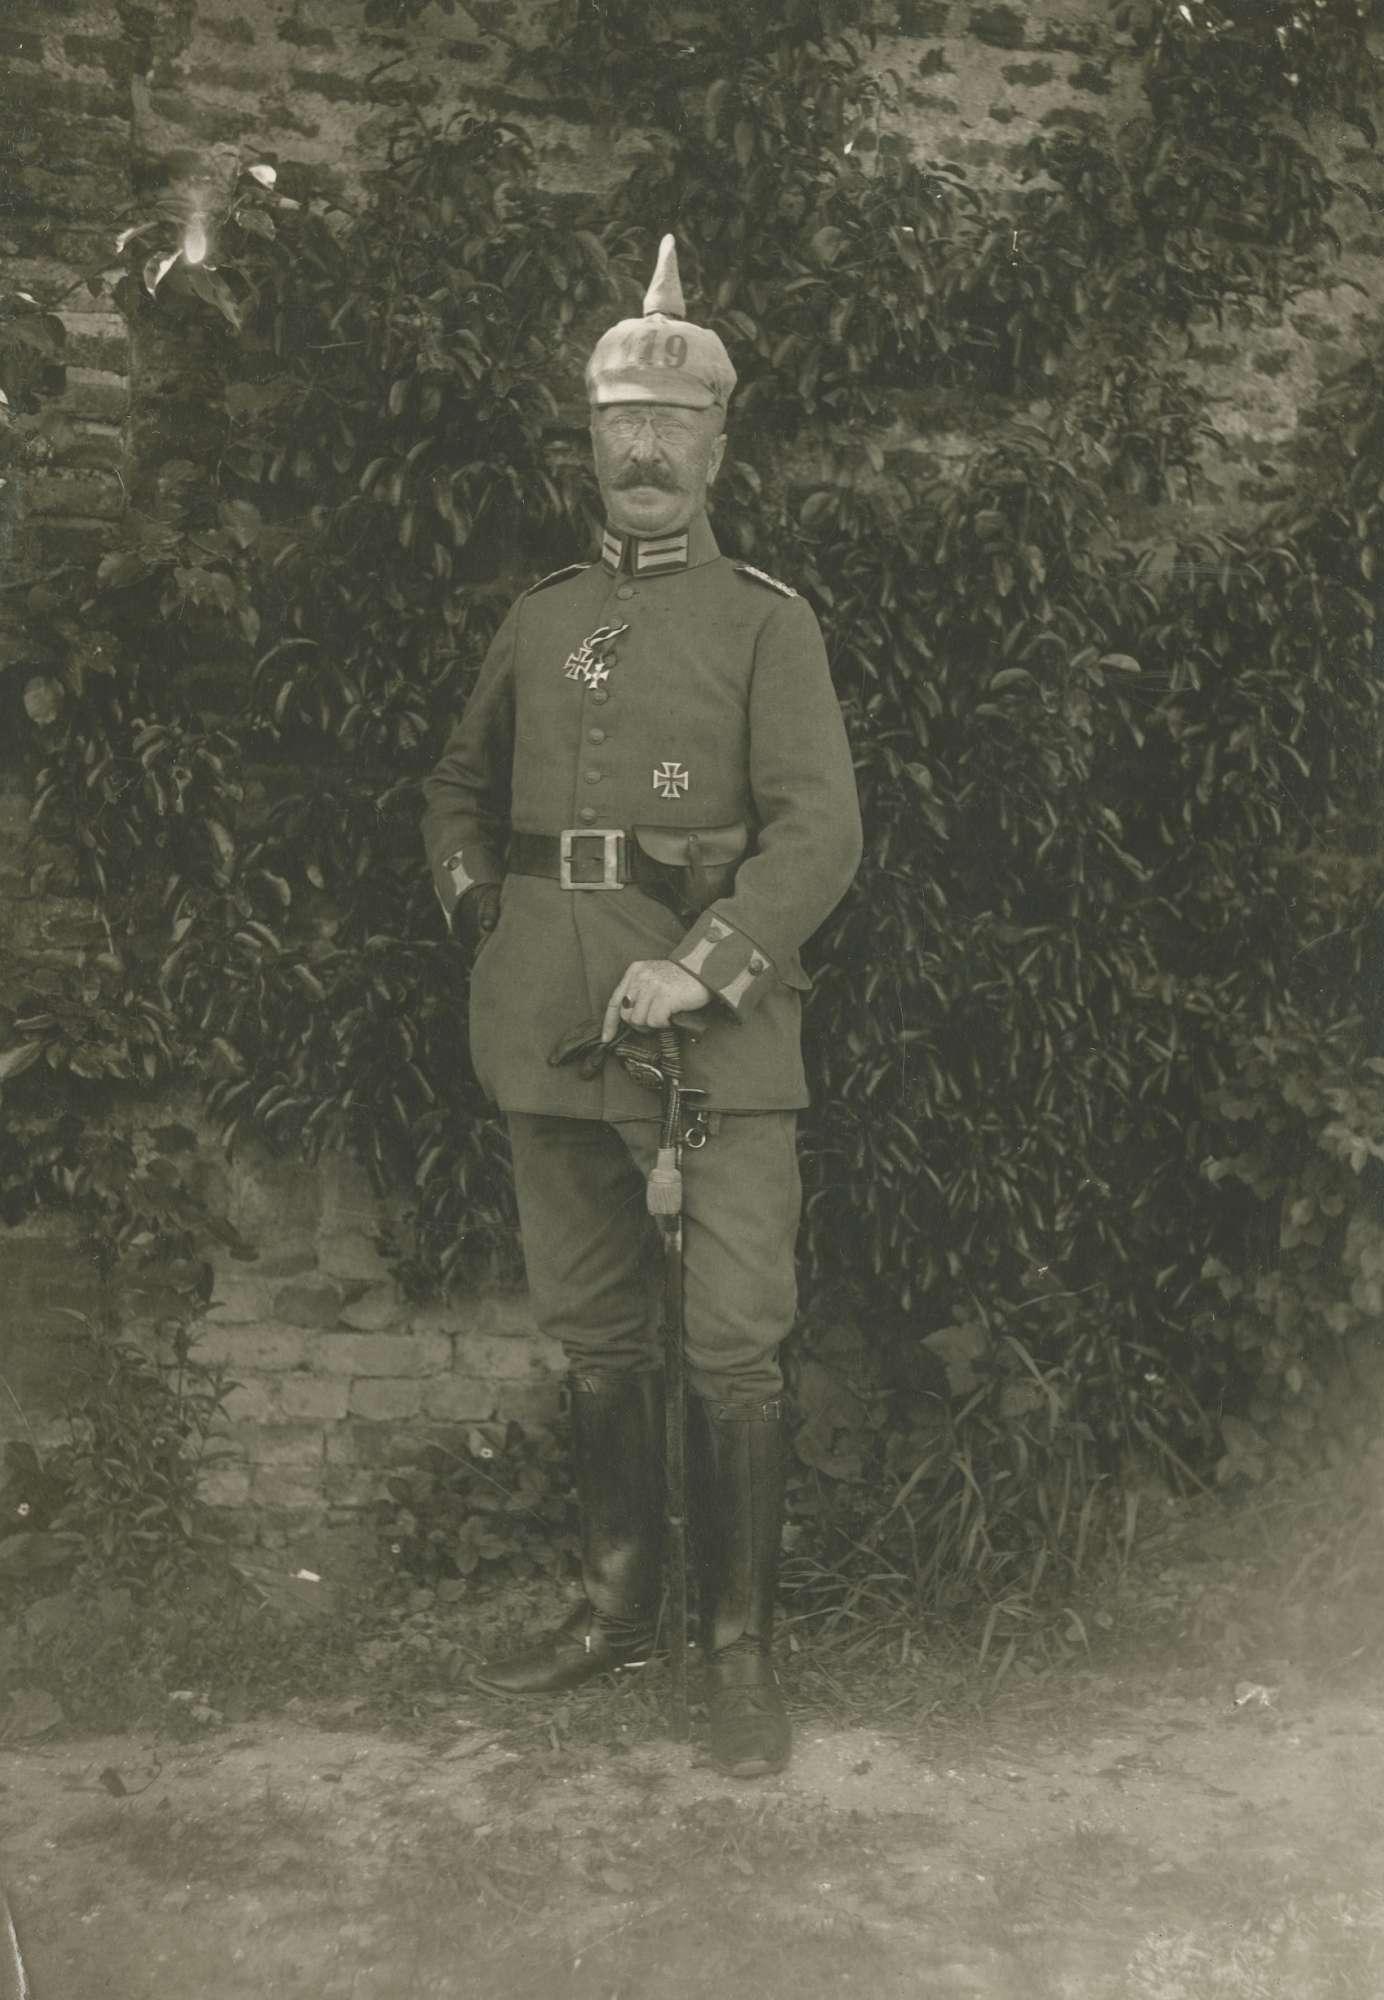 Ziegesar, Eberhard von, Freiherr, Bild 3